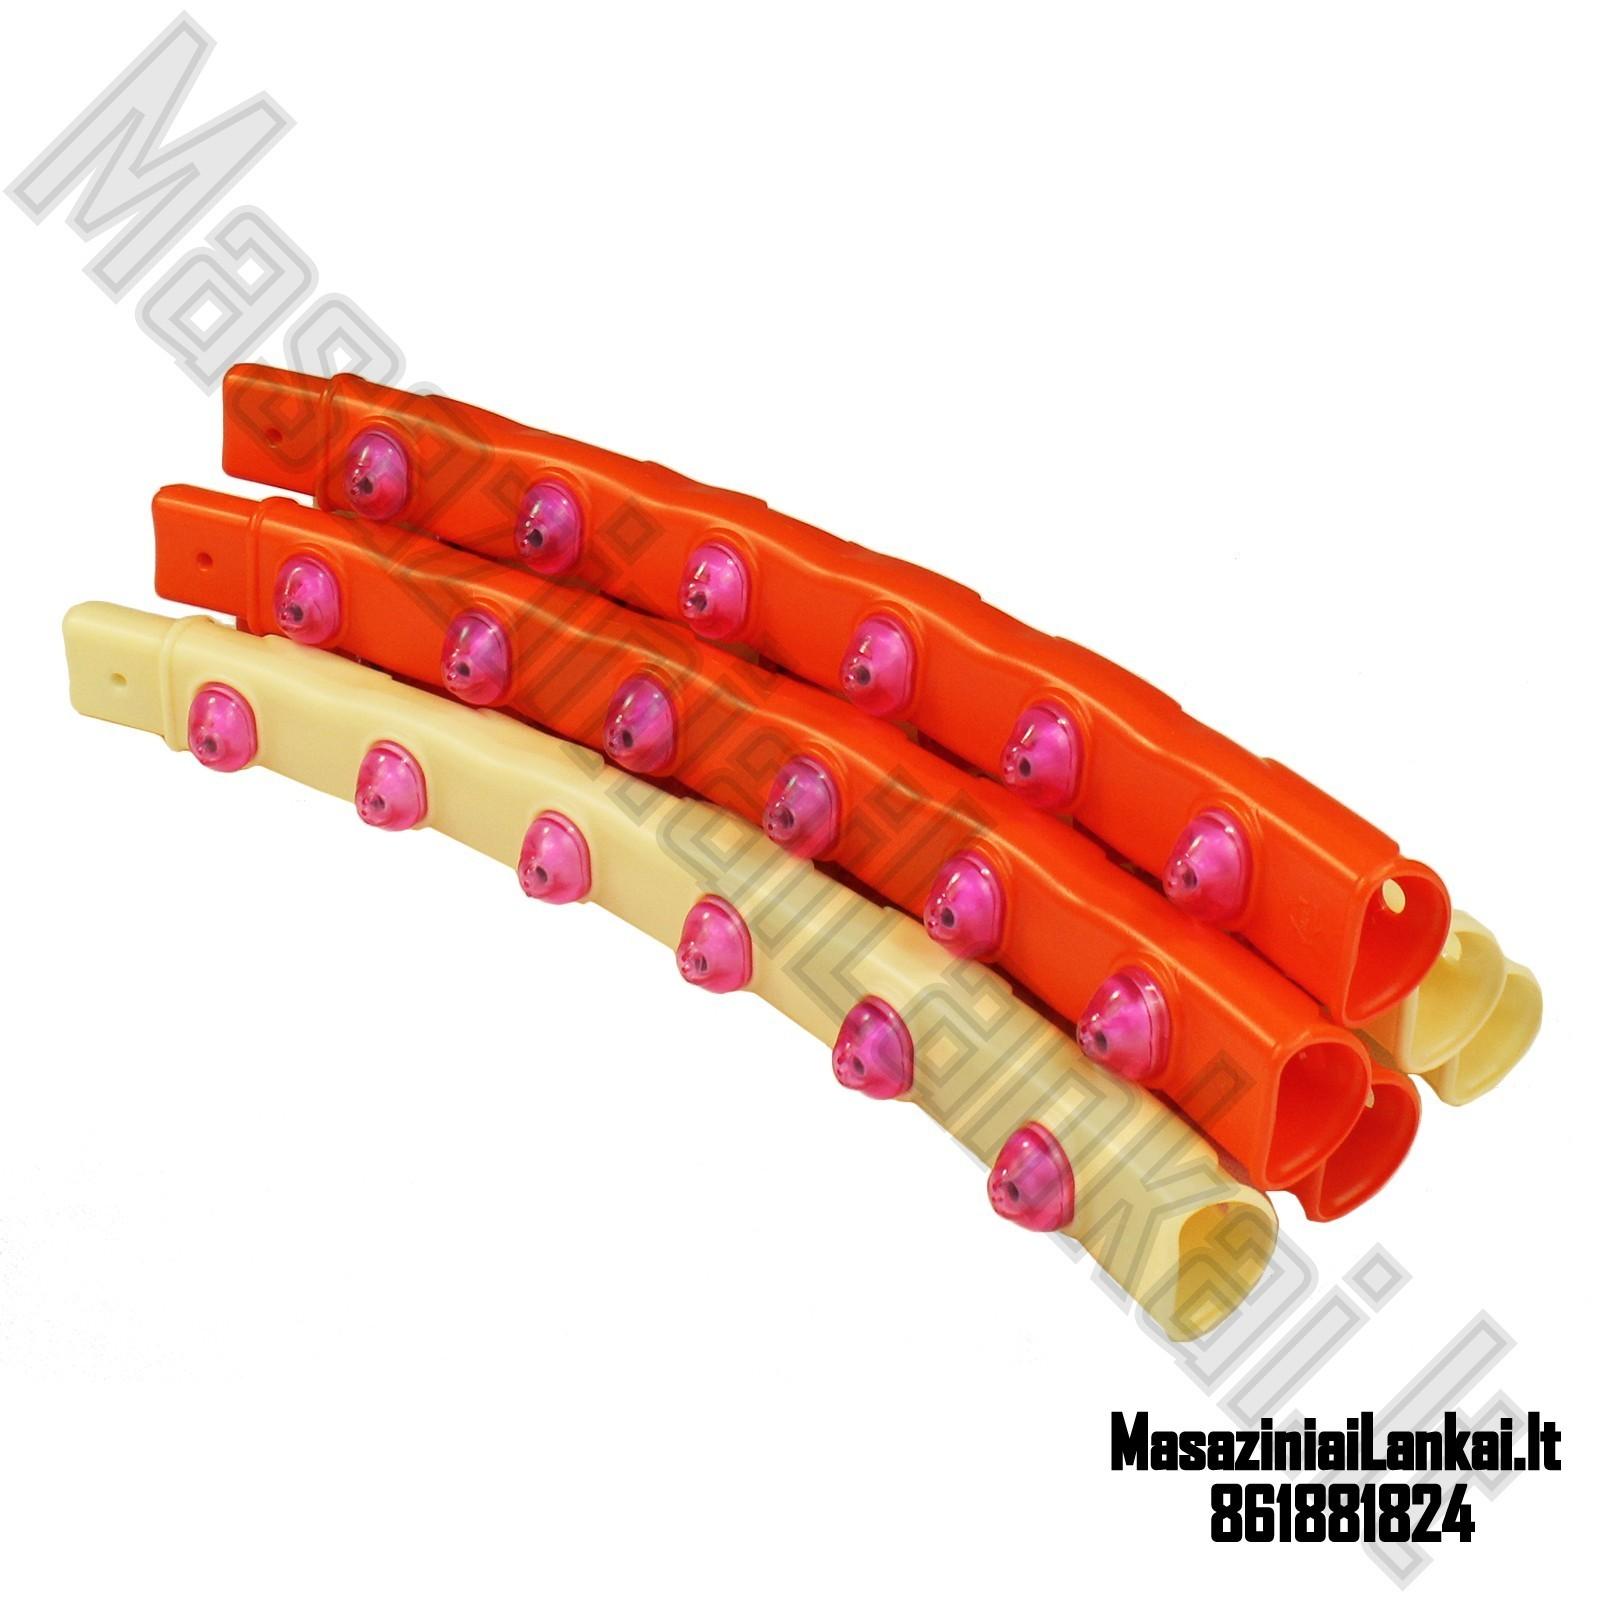 masažinis magnetinis lankas, lankas pradedanciajai, lankas 1kg, silikoninis lankas, sukimo lankas, lankas, hoop double grade magnetic, hula hoop, magnetinis lankas, aerobikos lankas, aerobinis lankas, lankas lieknejimui, acu hoop